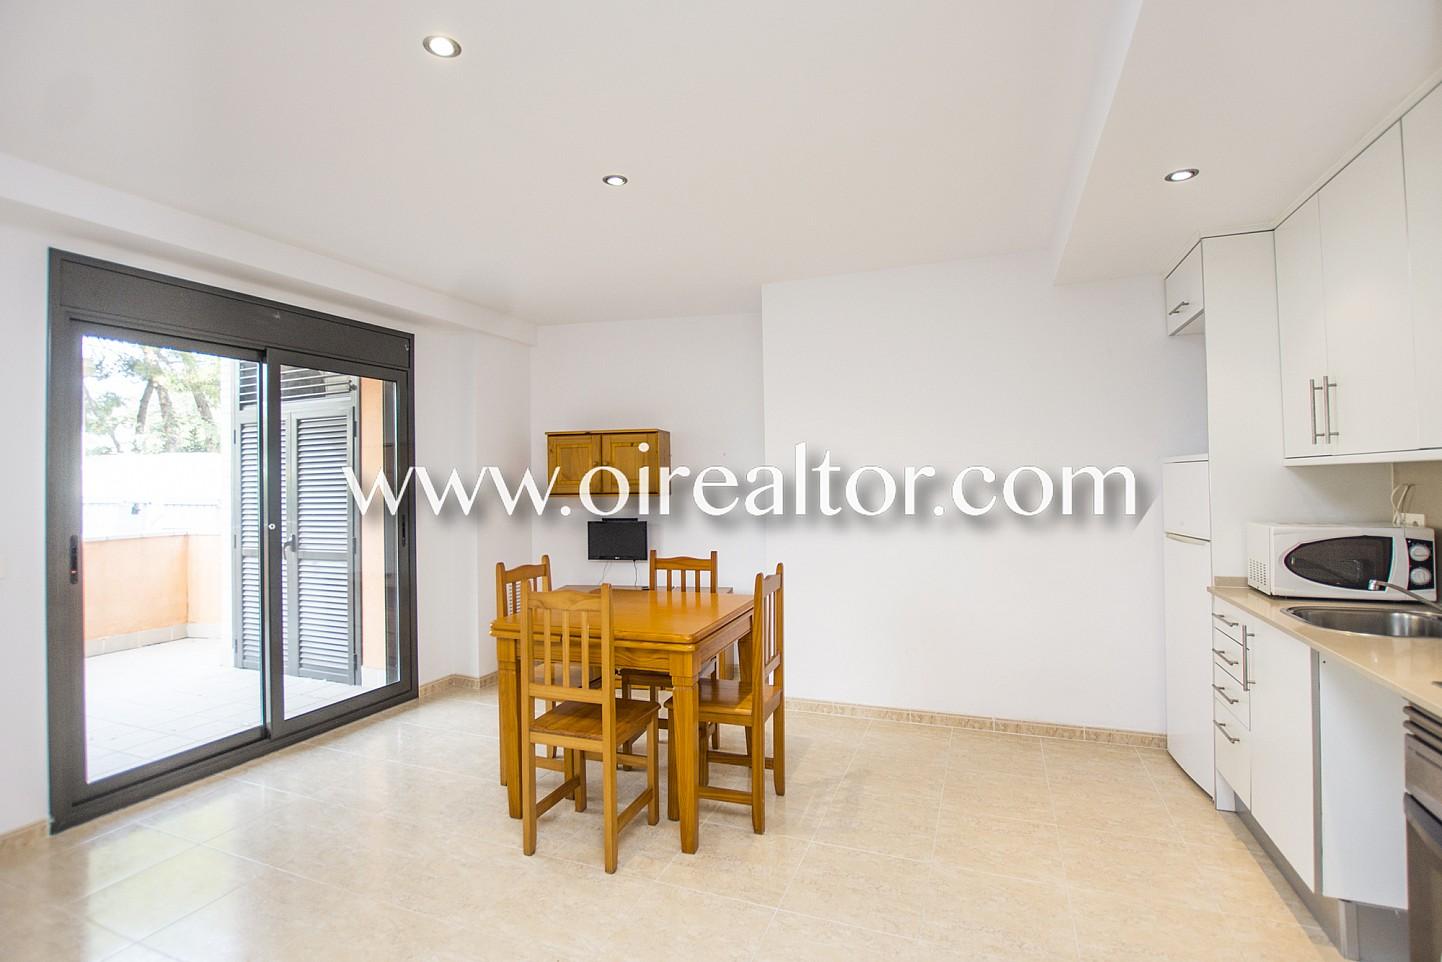 Precioso apartamento en lloret de mar costa brava oi realtor - Apartamentos en costa brava ...